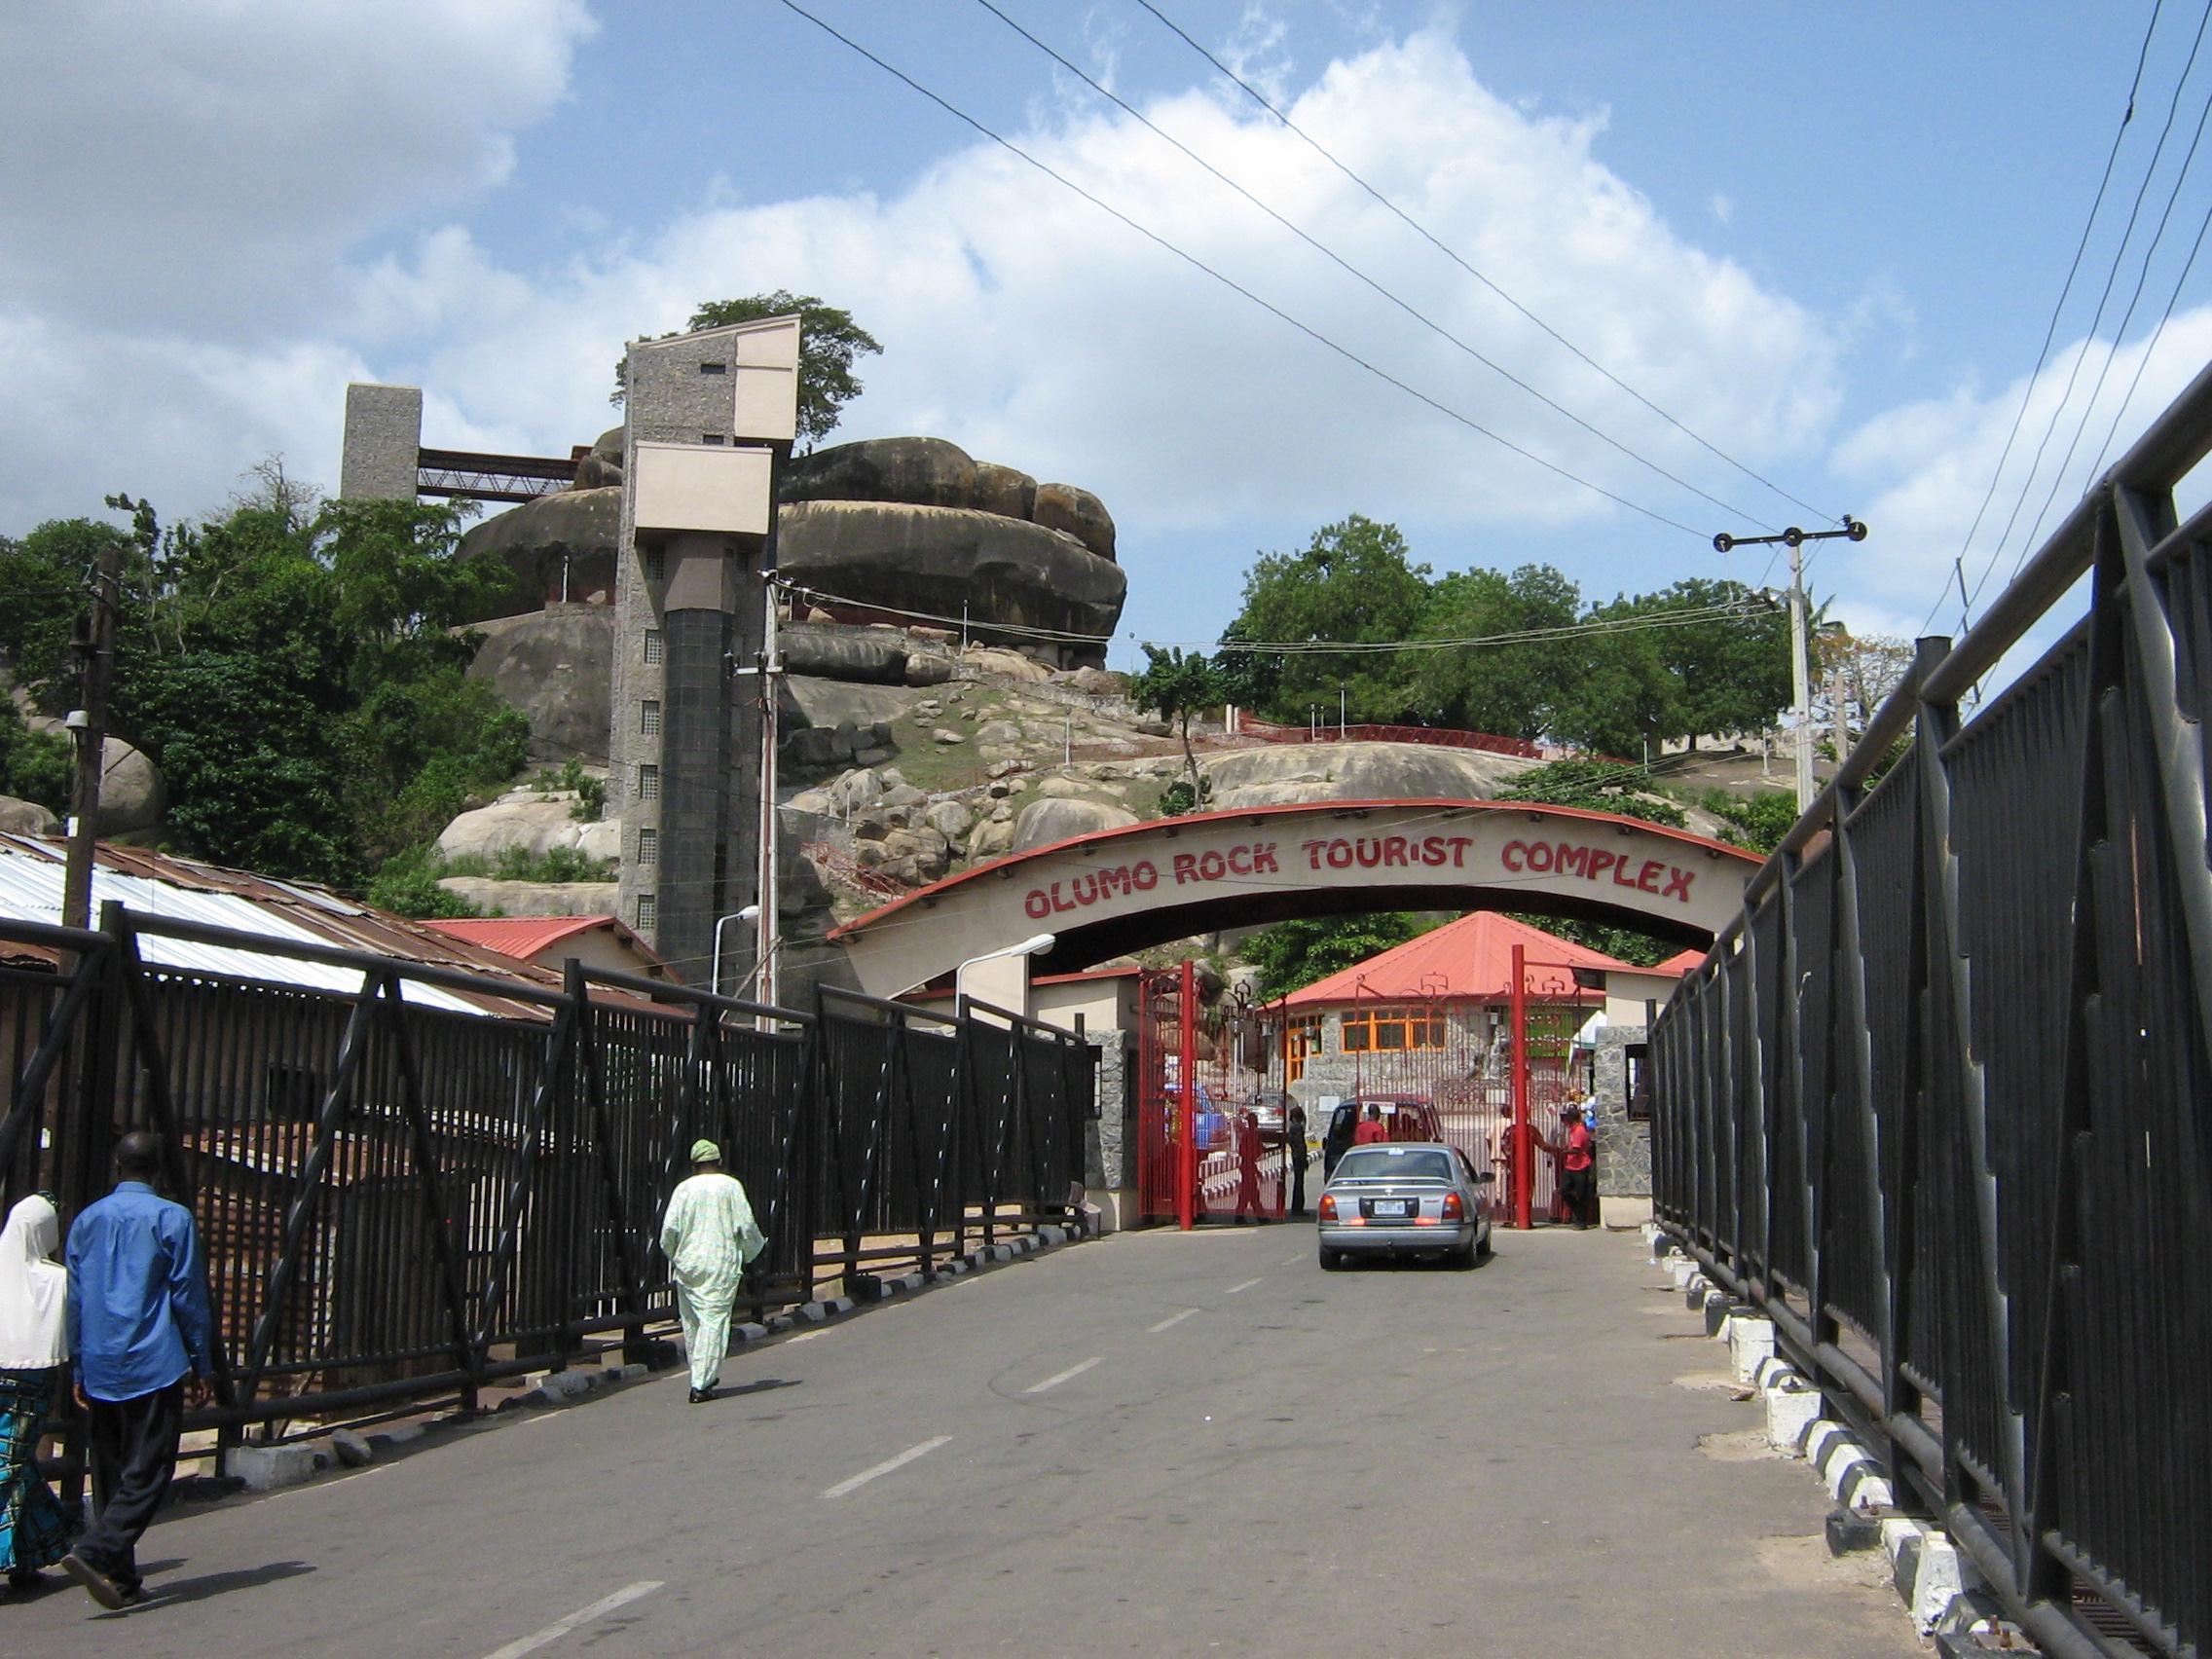 tourist attractions in Ogun state